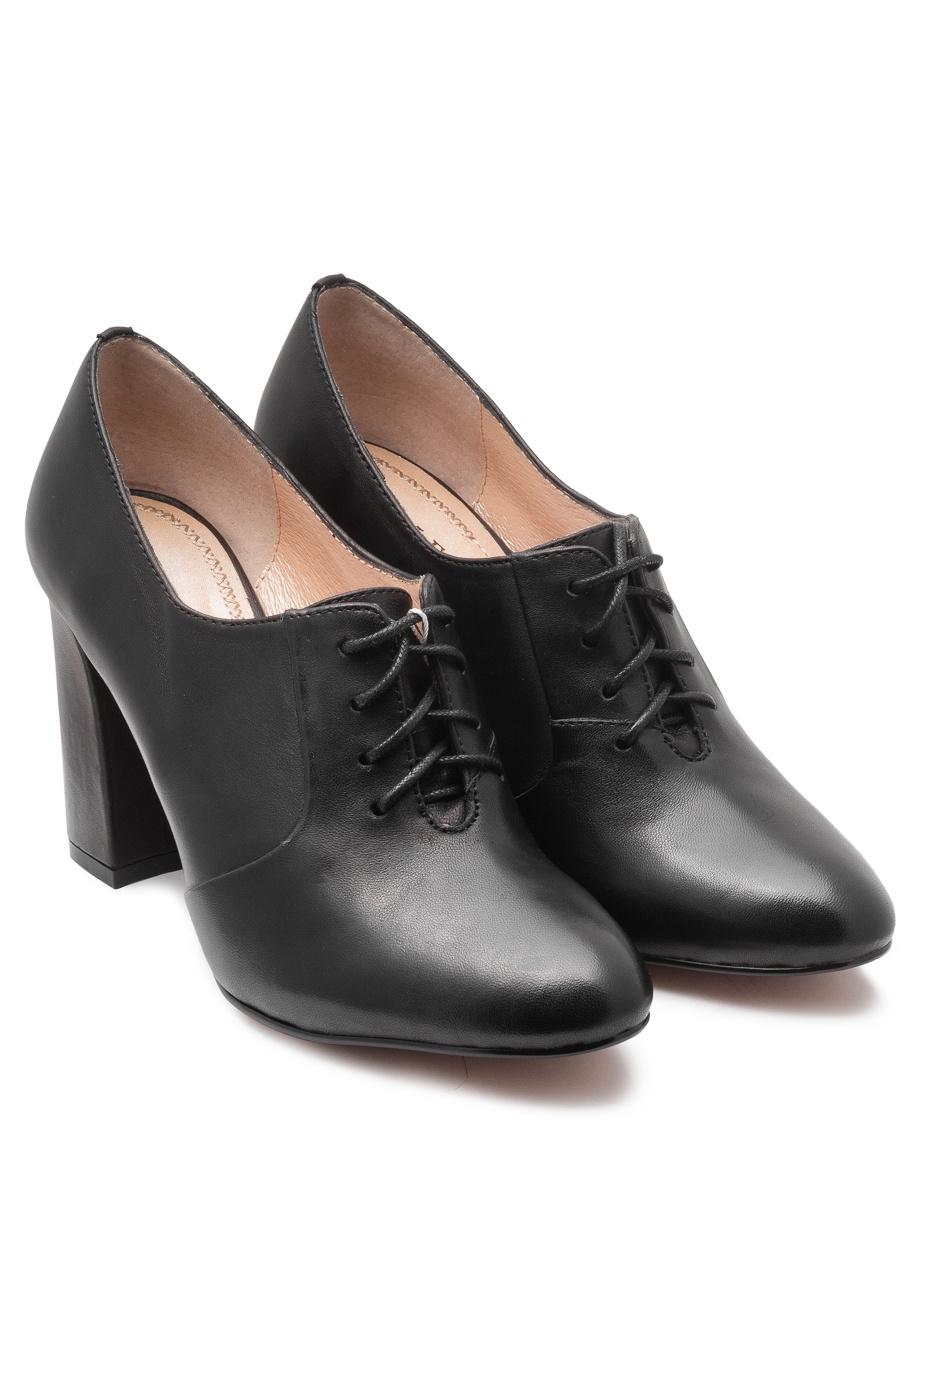 Туфли Valley туфли flamingo 72т сн 0263 36 размер цвет черный